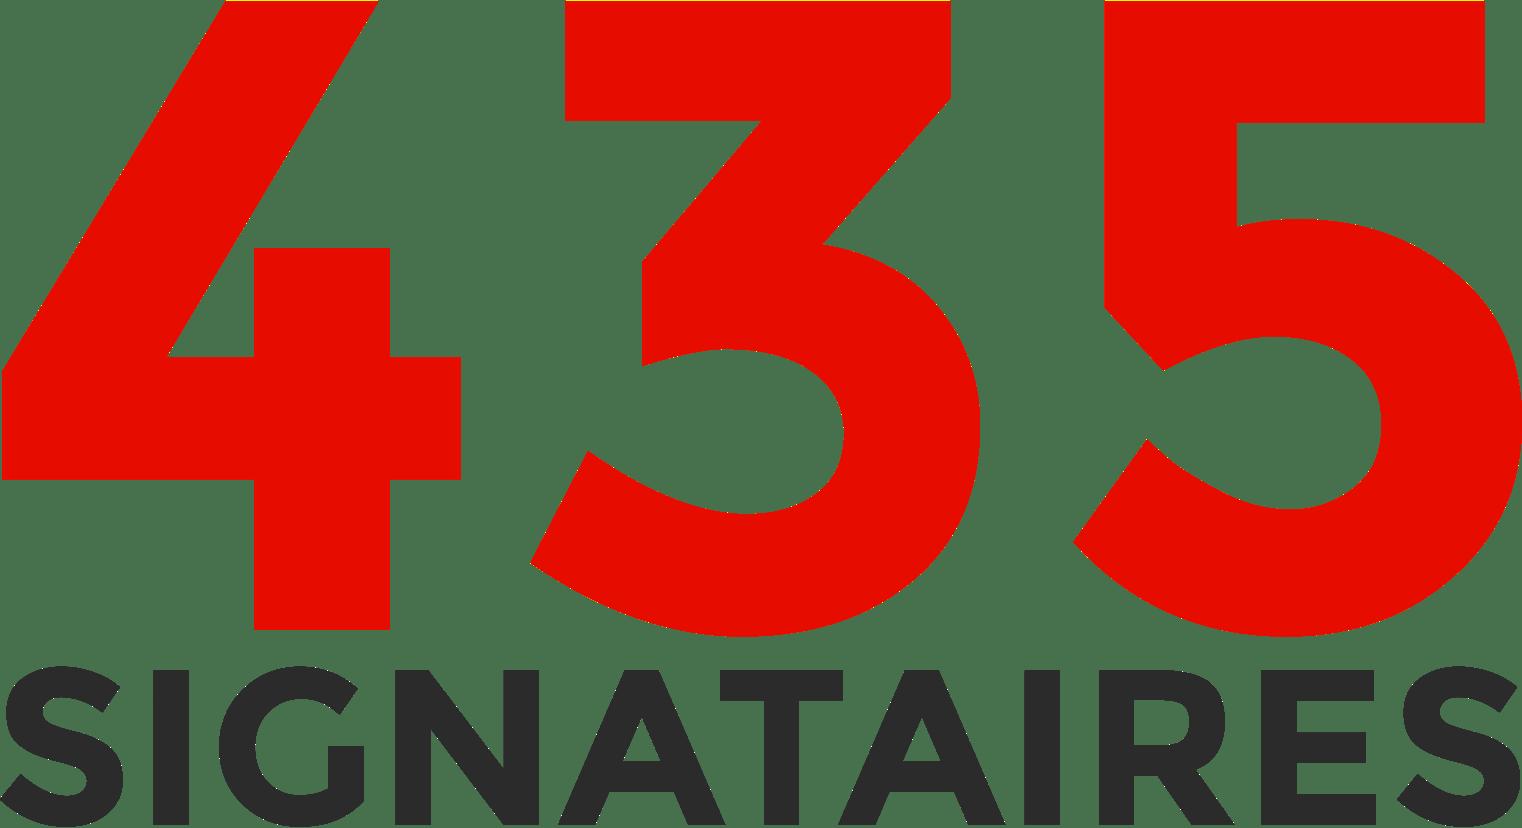 435 signataires